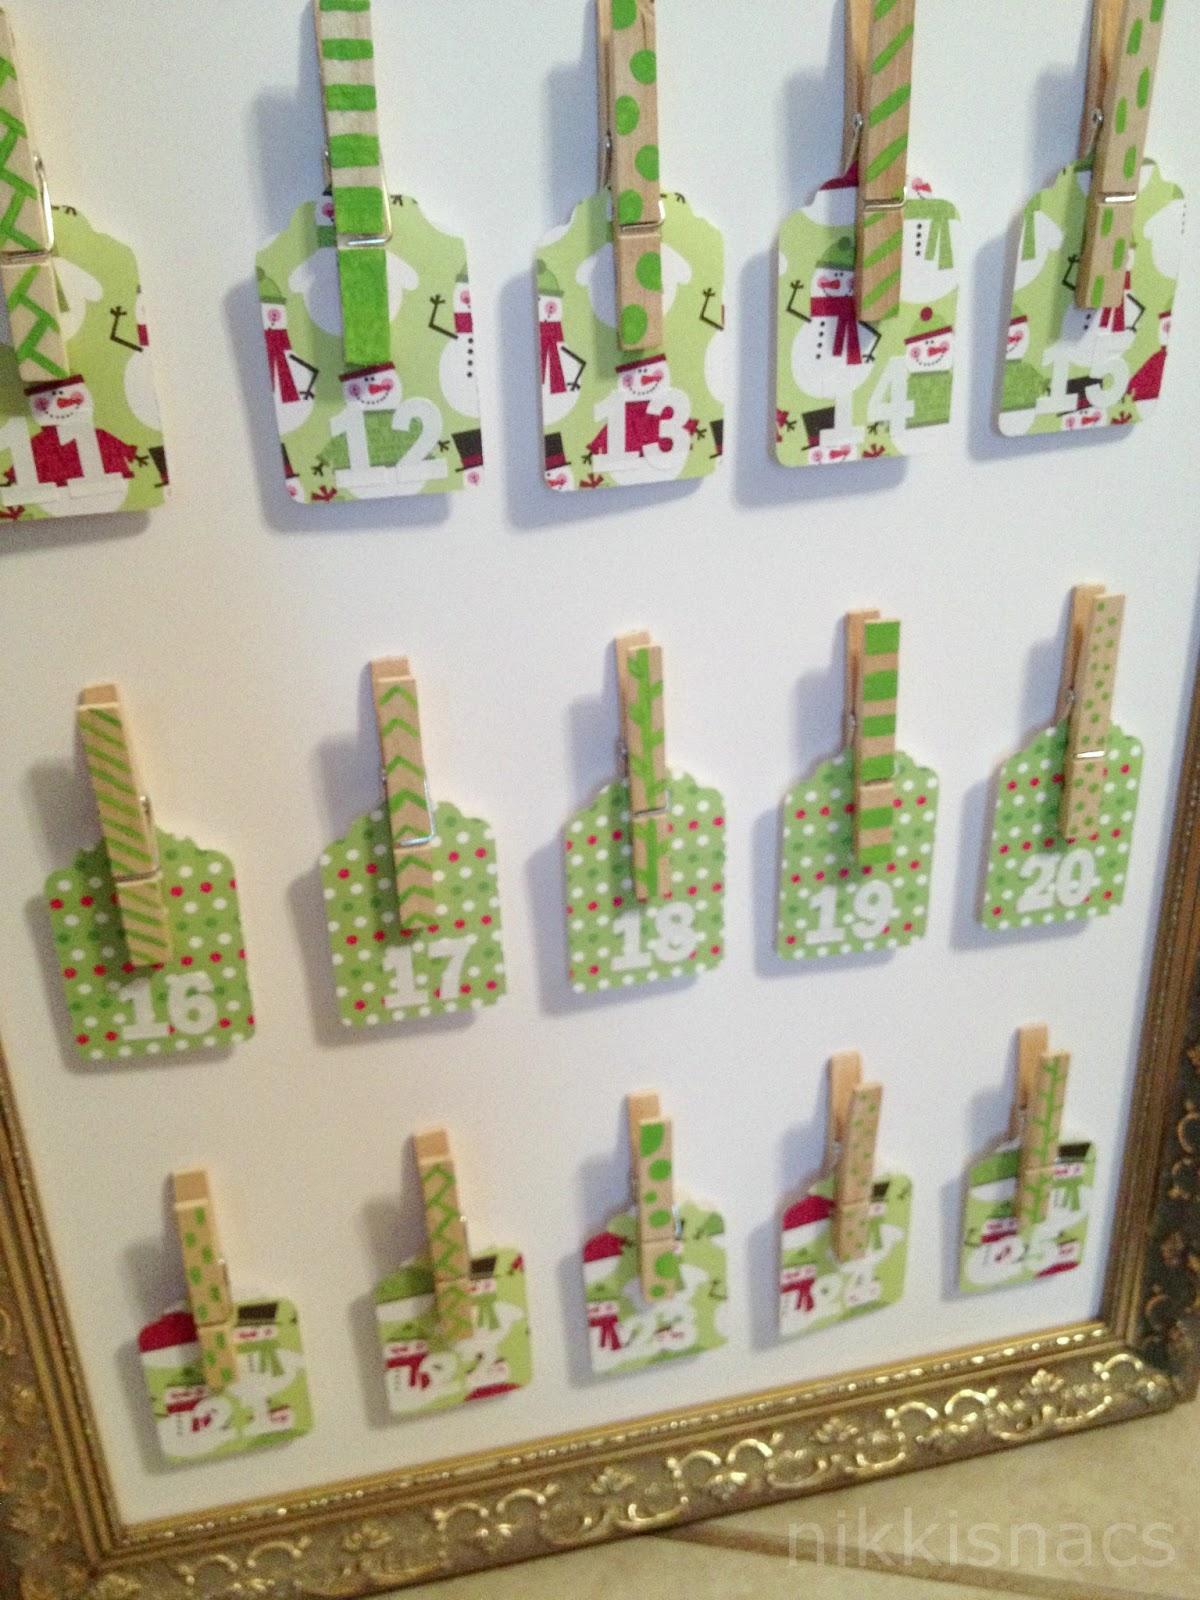 http://1.bp.blogspot.com/-B6apH4UYGZw/UQIVXeQBeWI/AAAAAAAAF10/KzExssCx8KU/s1600/christmas+advent+calendar+edit.jpg